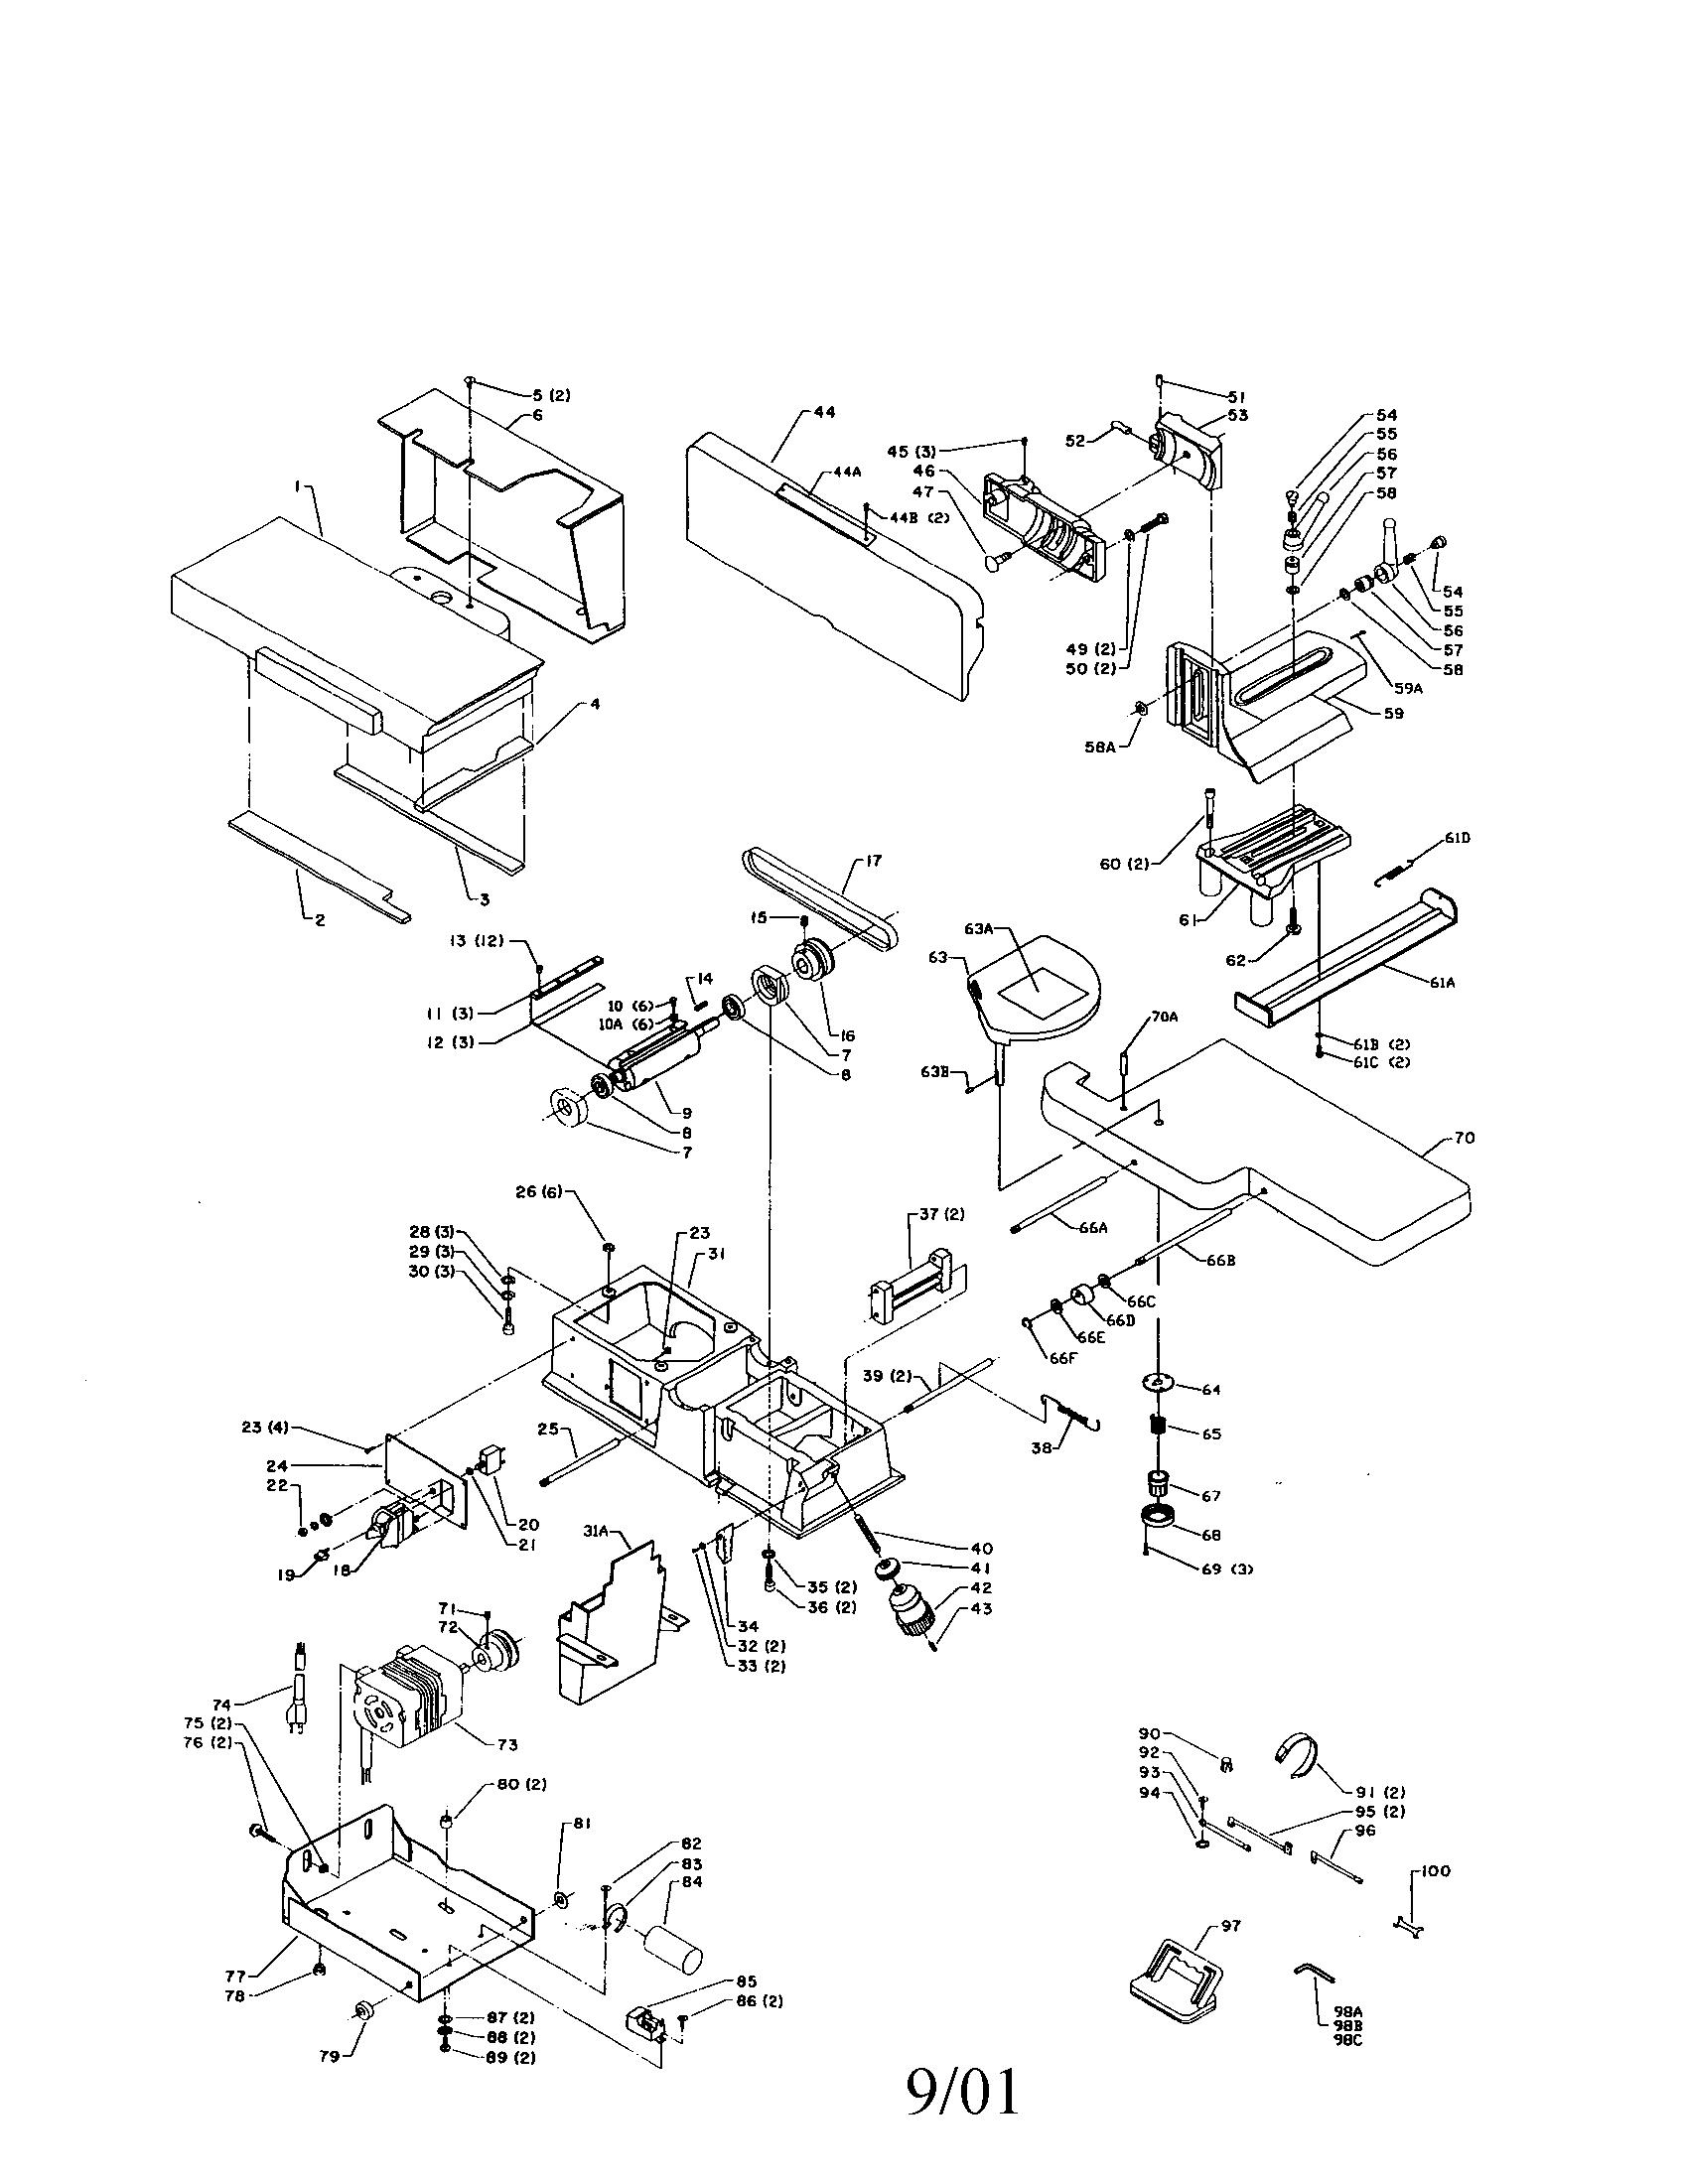 Delta Jointer Wiring Diagram Dewalt Planer Wiring Diagram